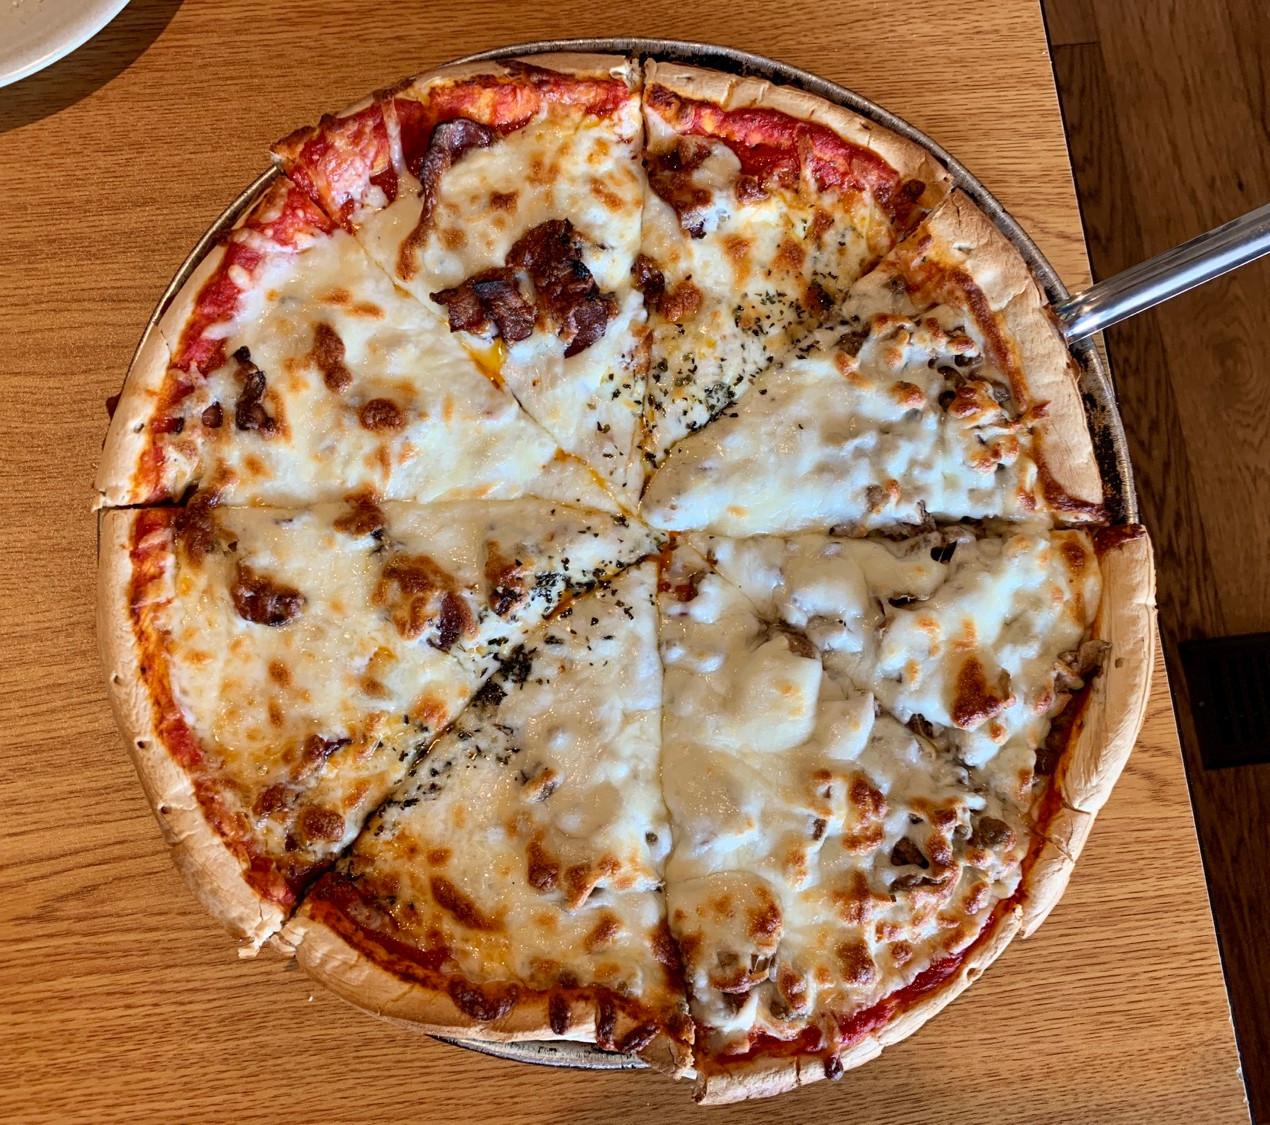 new bethel ordinary pizza photo